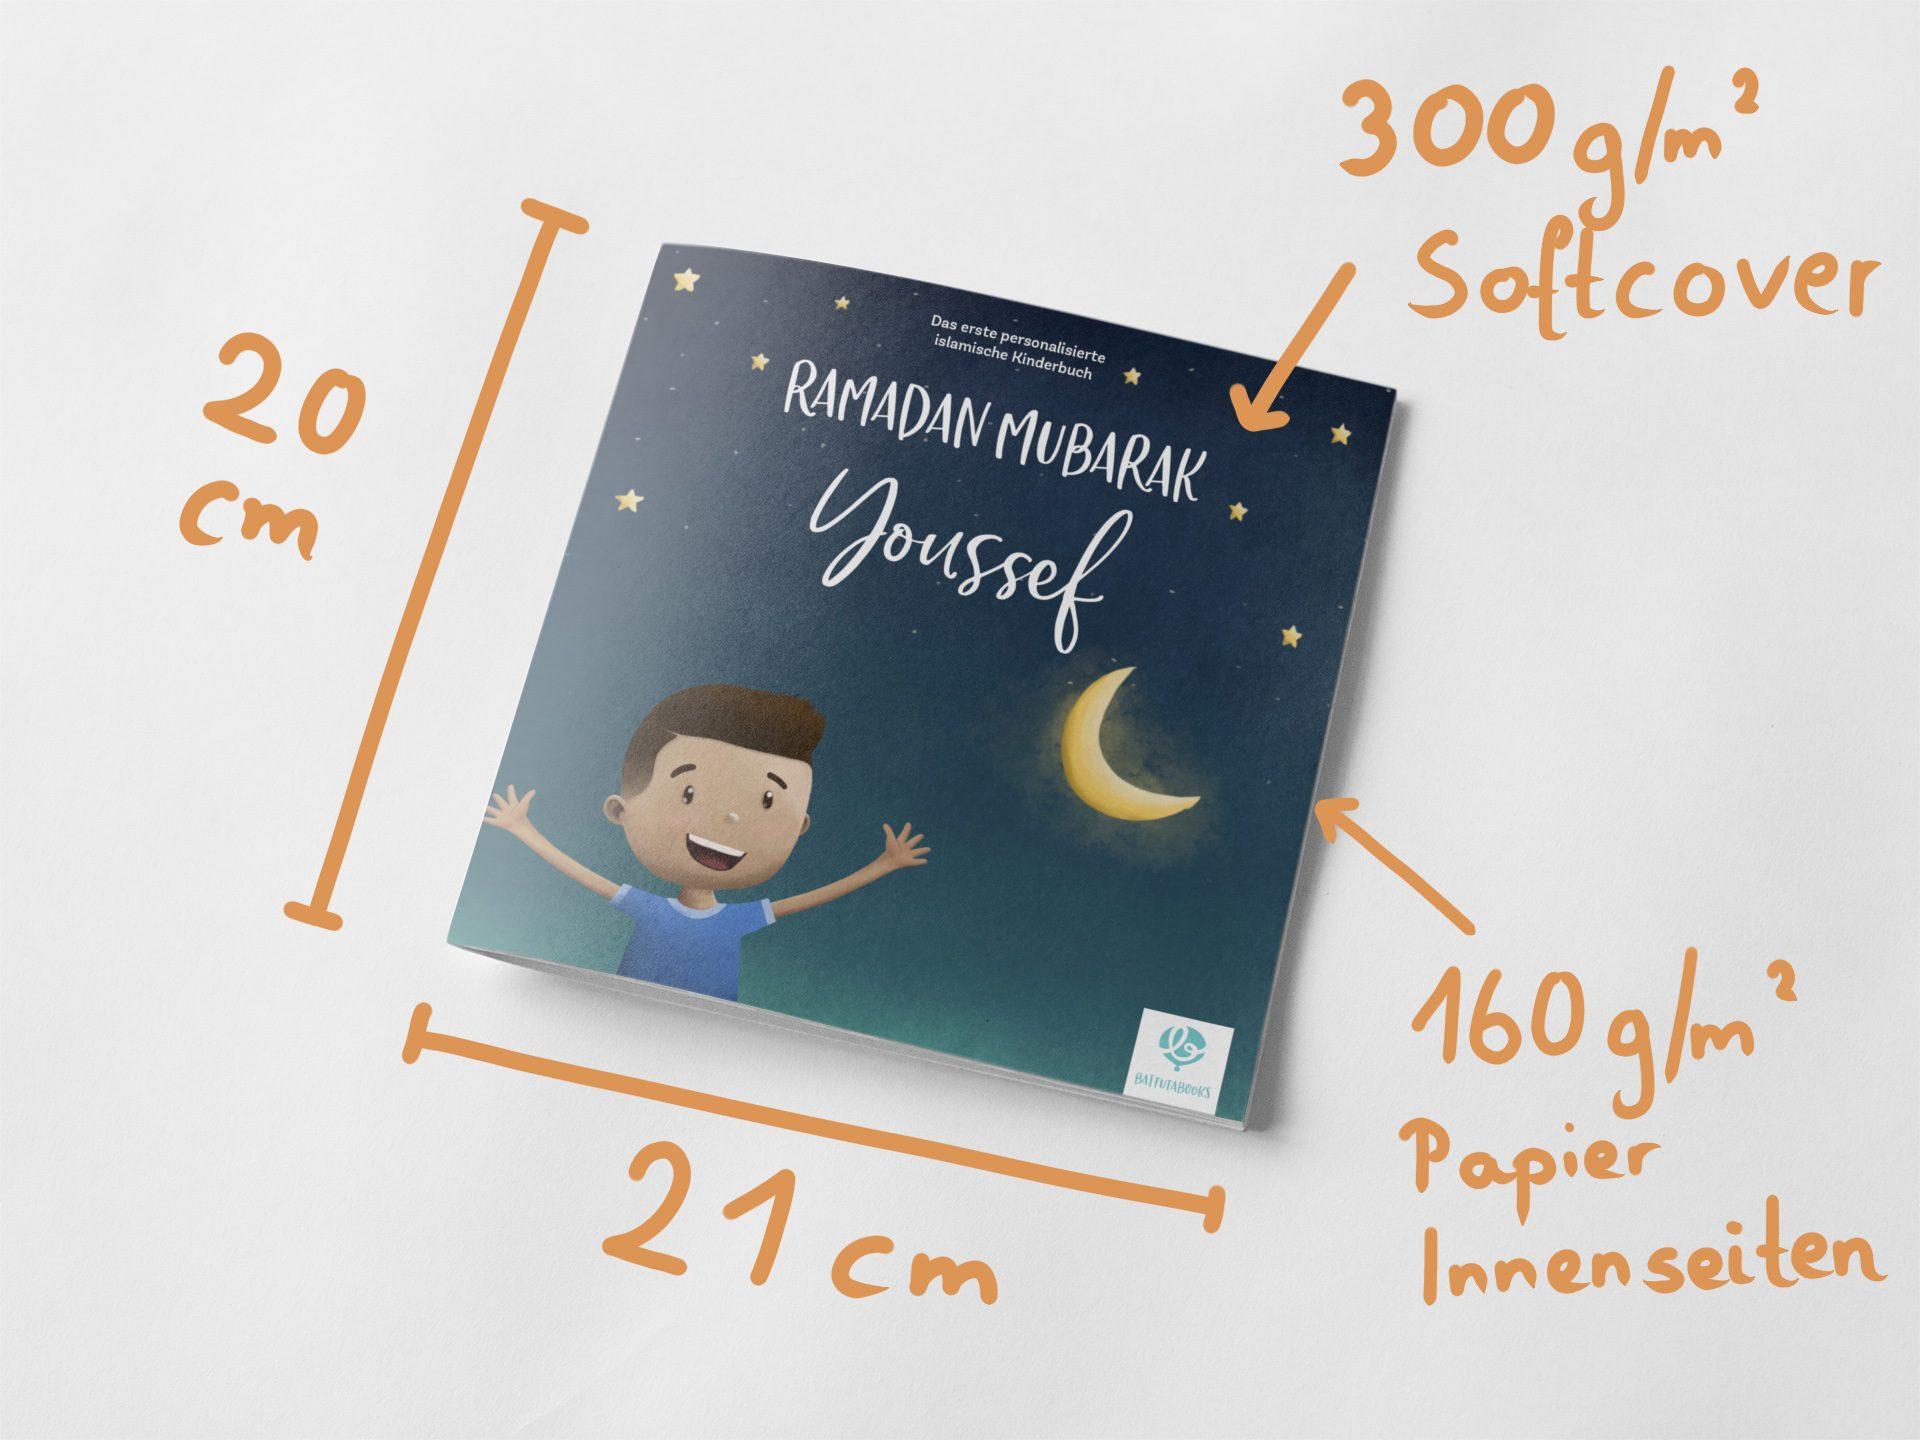 Das erste personalisierte islamische Kinderbuch auf Deutsch und die Maße und Informationen dazu